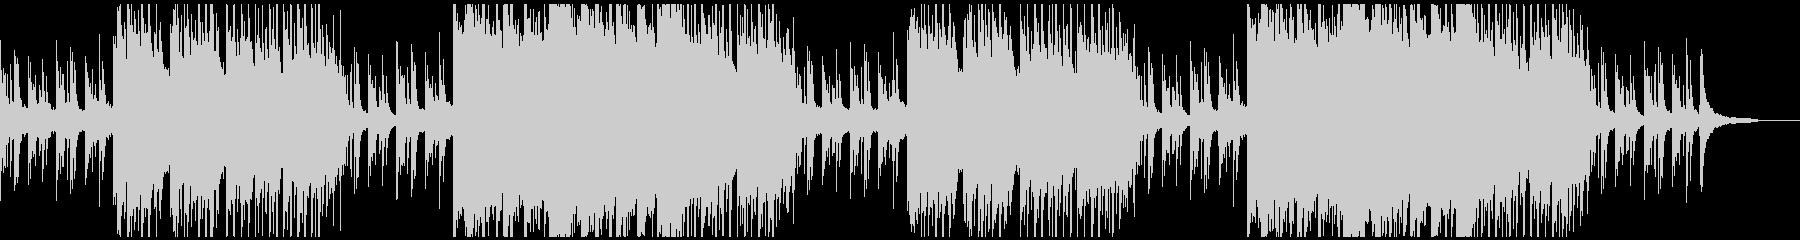 きらびやかなピアノストリングス感動系の未再生の波形